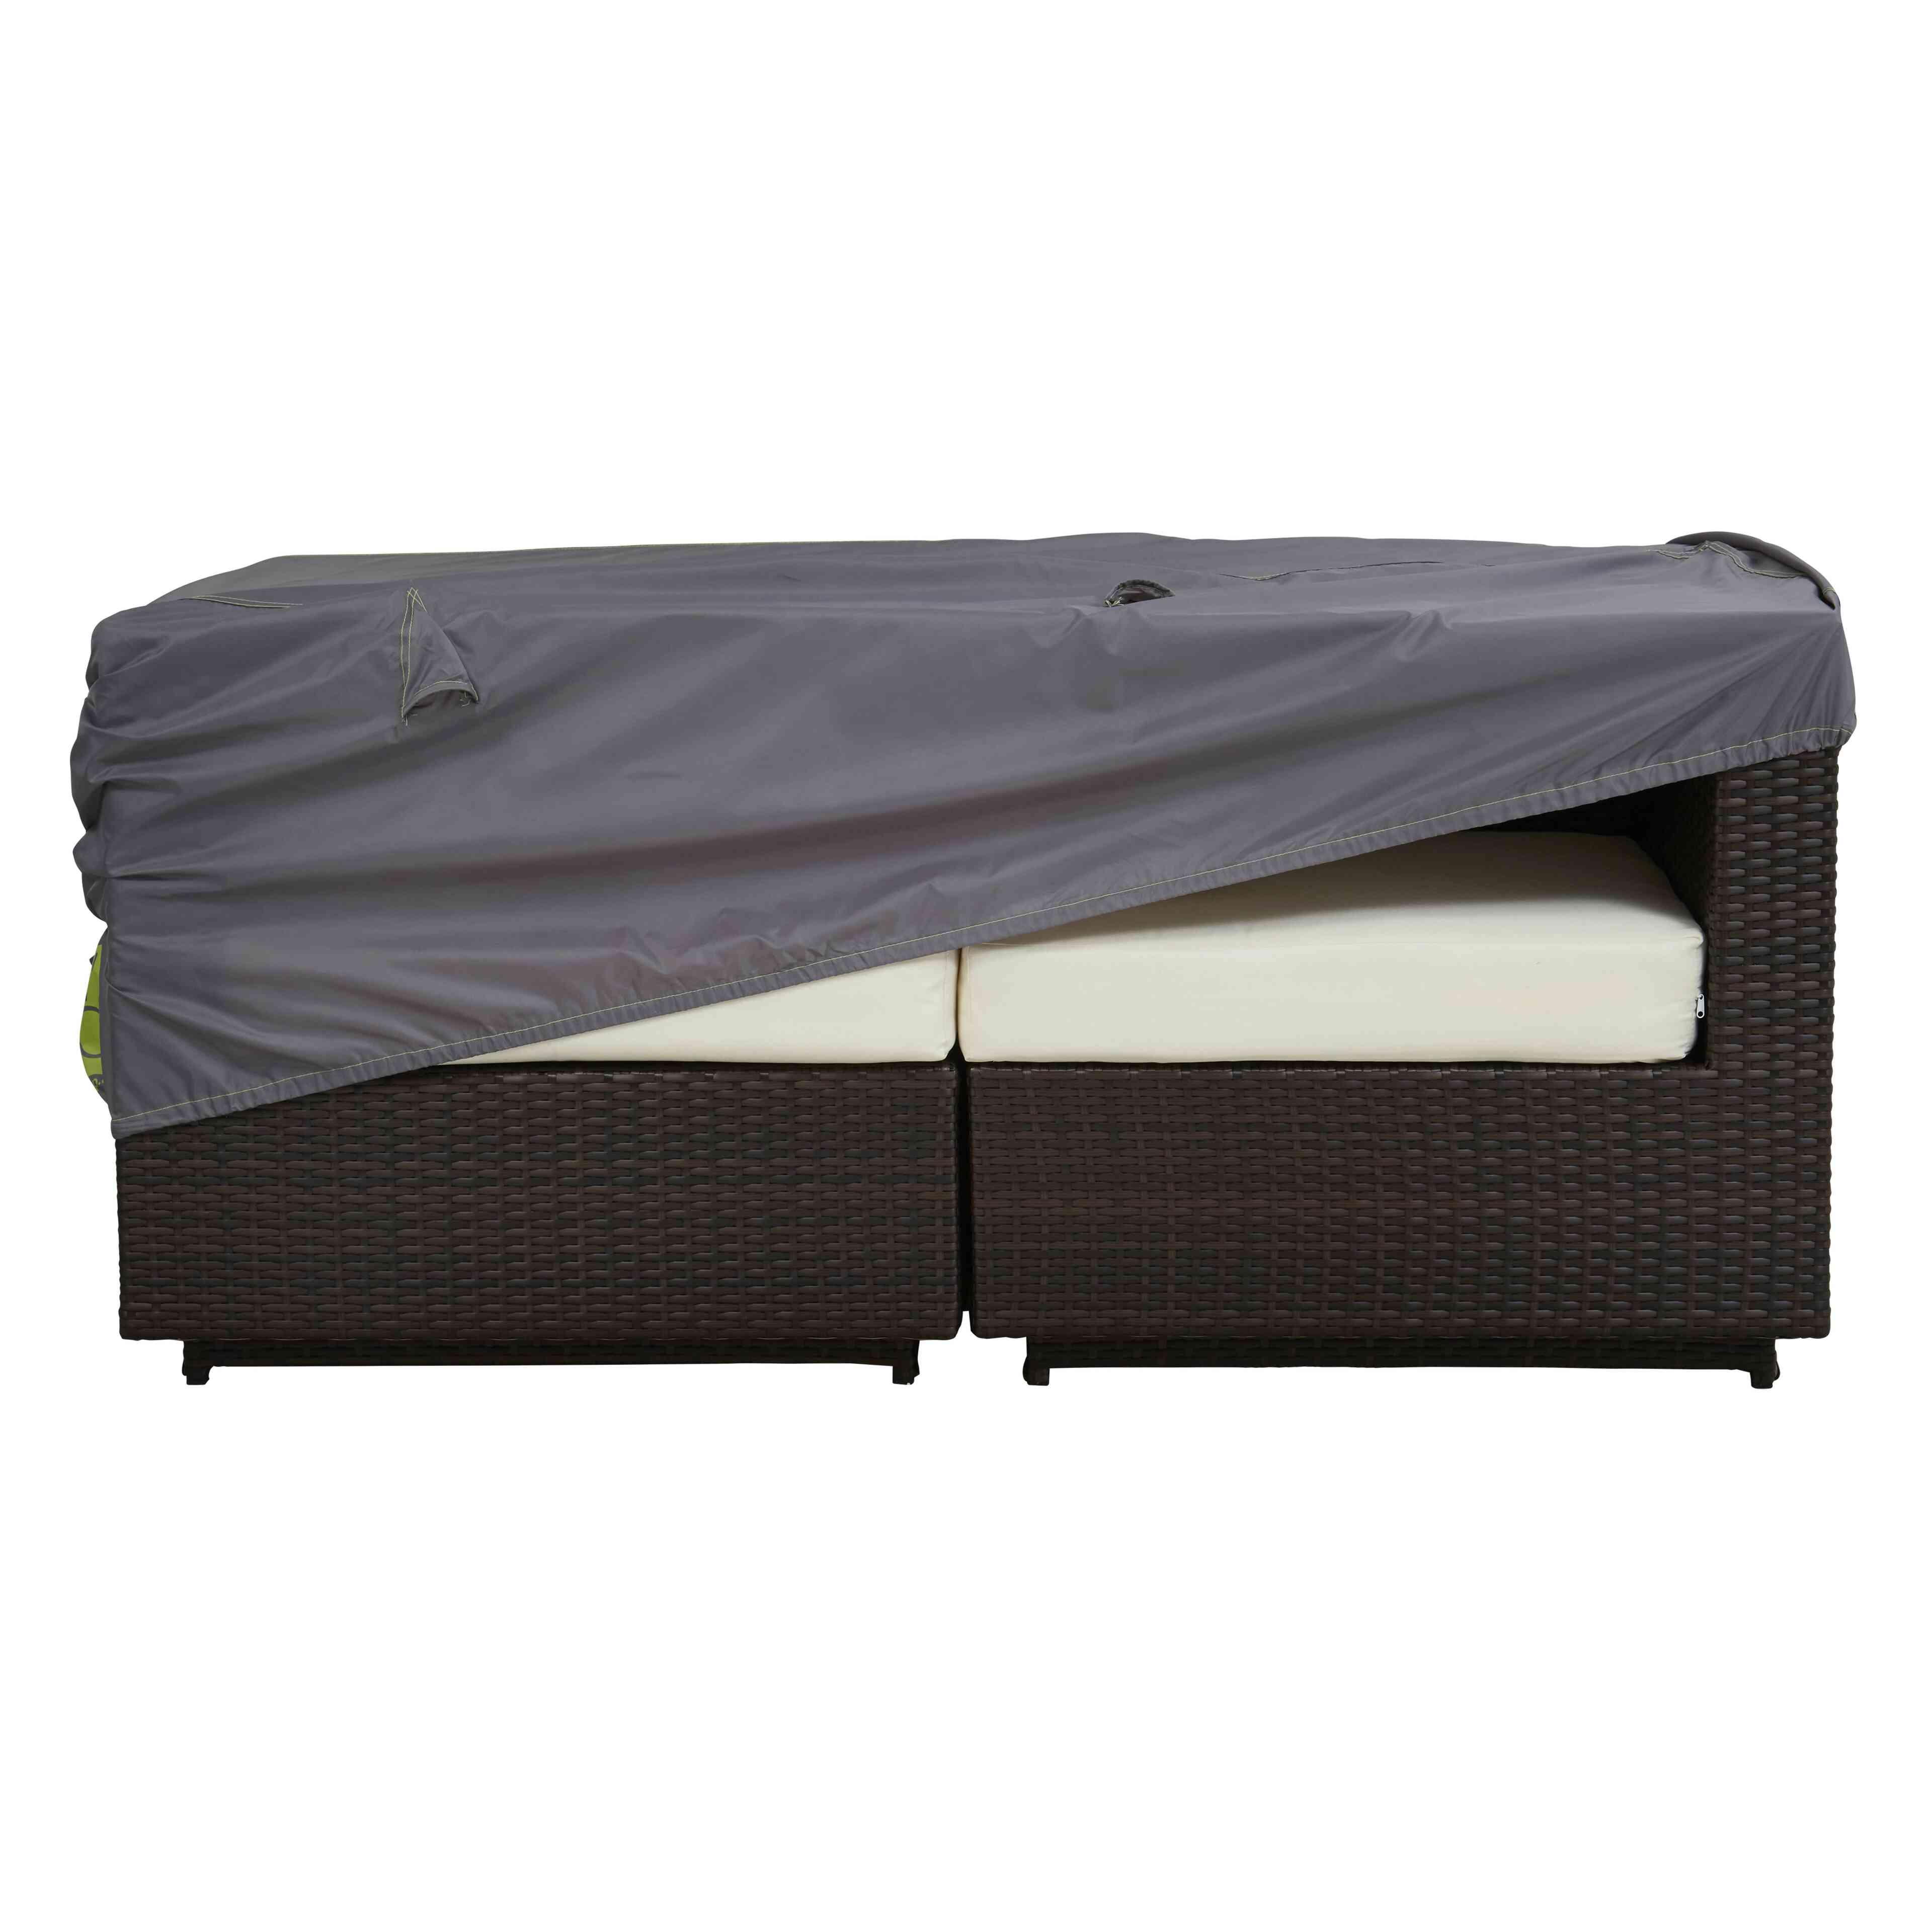 housse pour salon de jardin bas. Black Bedroom Furniture Sets. Home Design Ideas